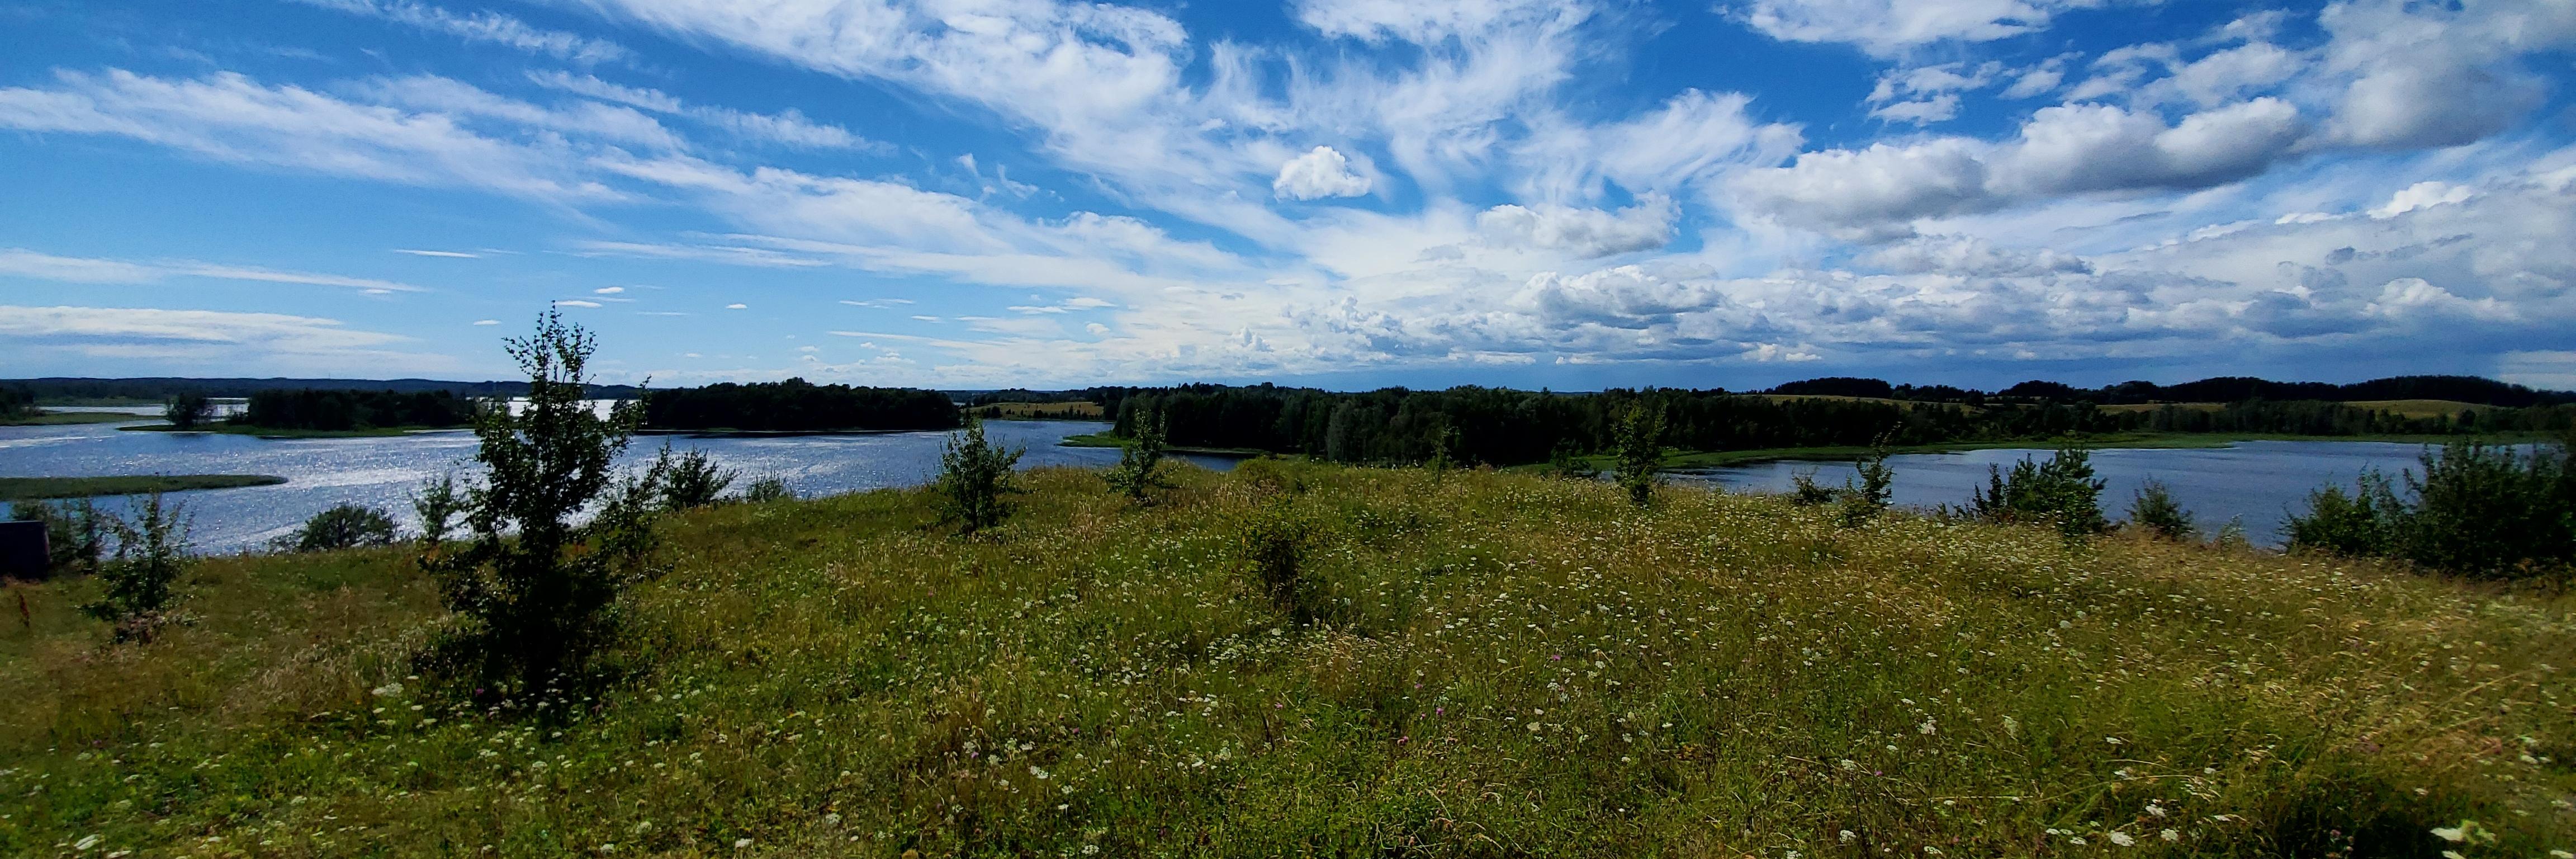 20200730 144623 10 - Полуостров Масковичи (панорамная точка)